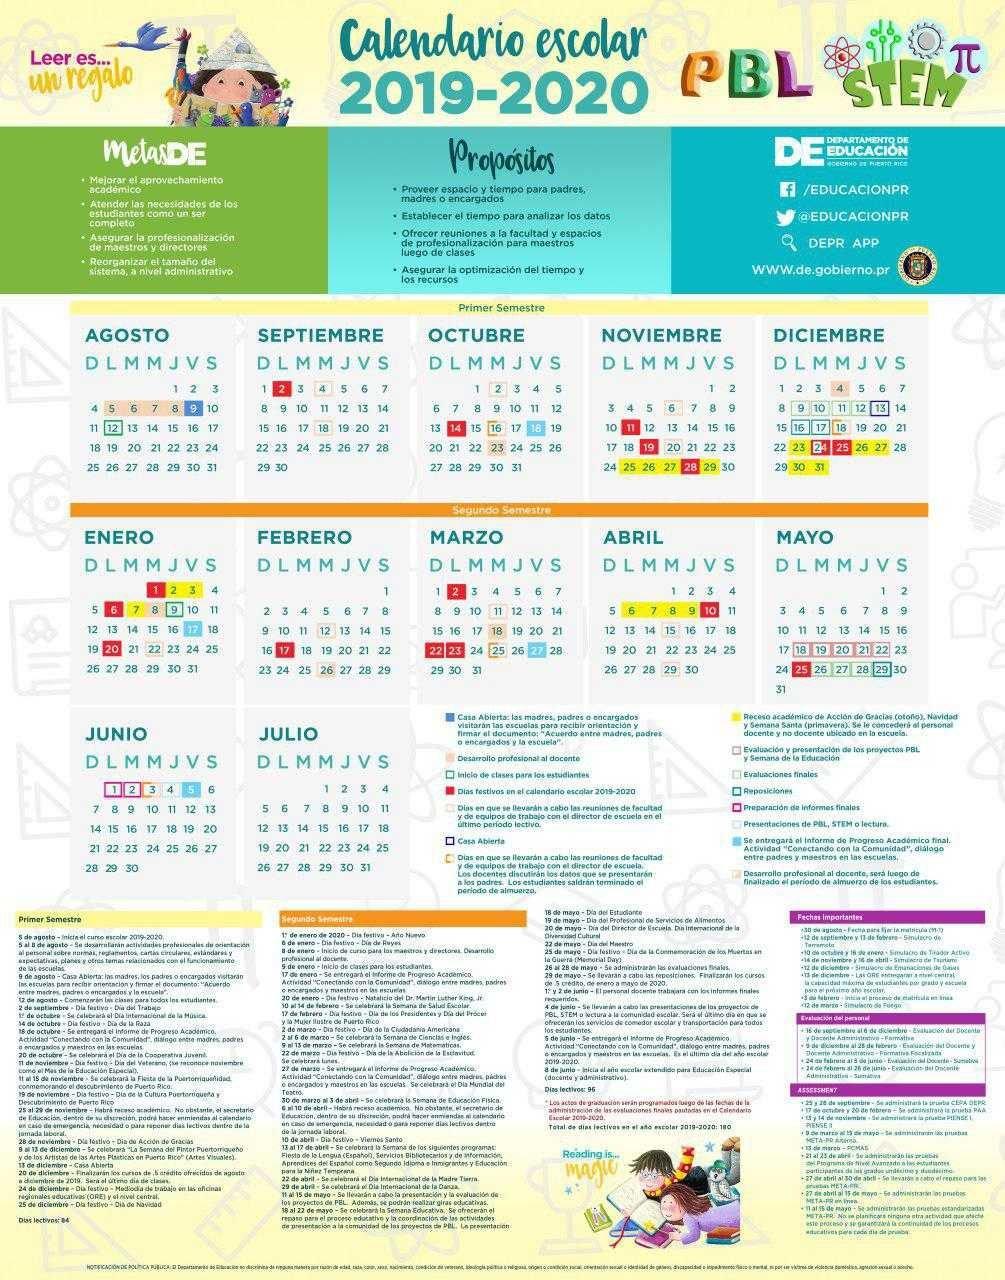 Calendario Escolar Europa 2019.Educacion Anuncia Calendario Escolar 2019 2020 Educacion